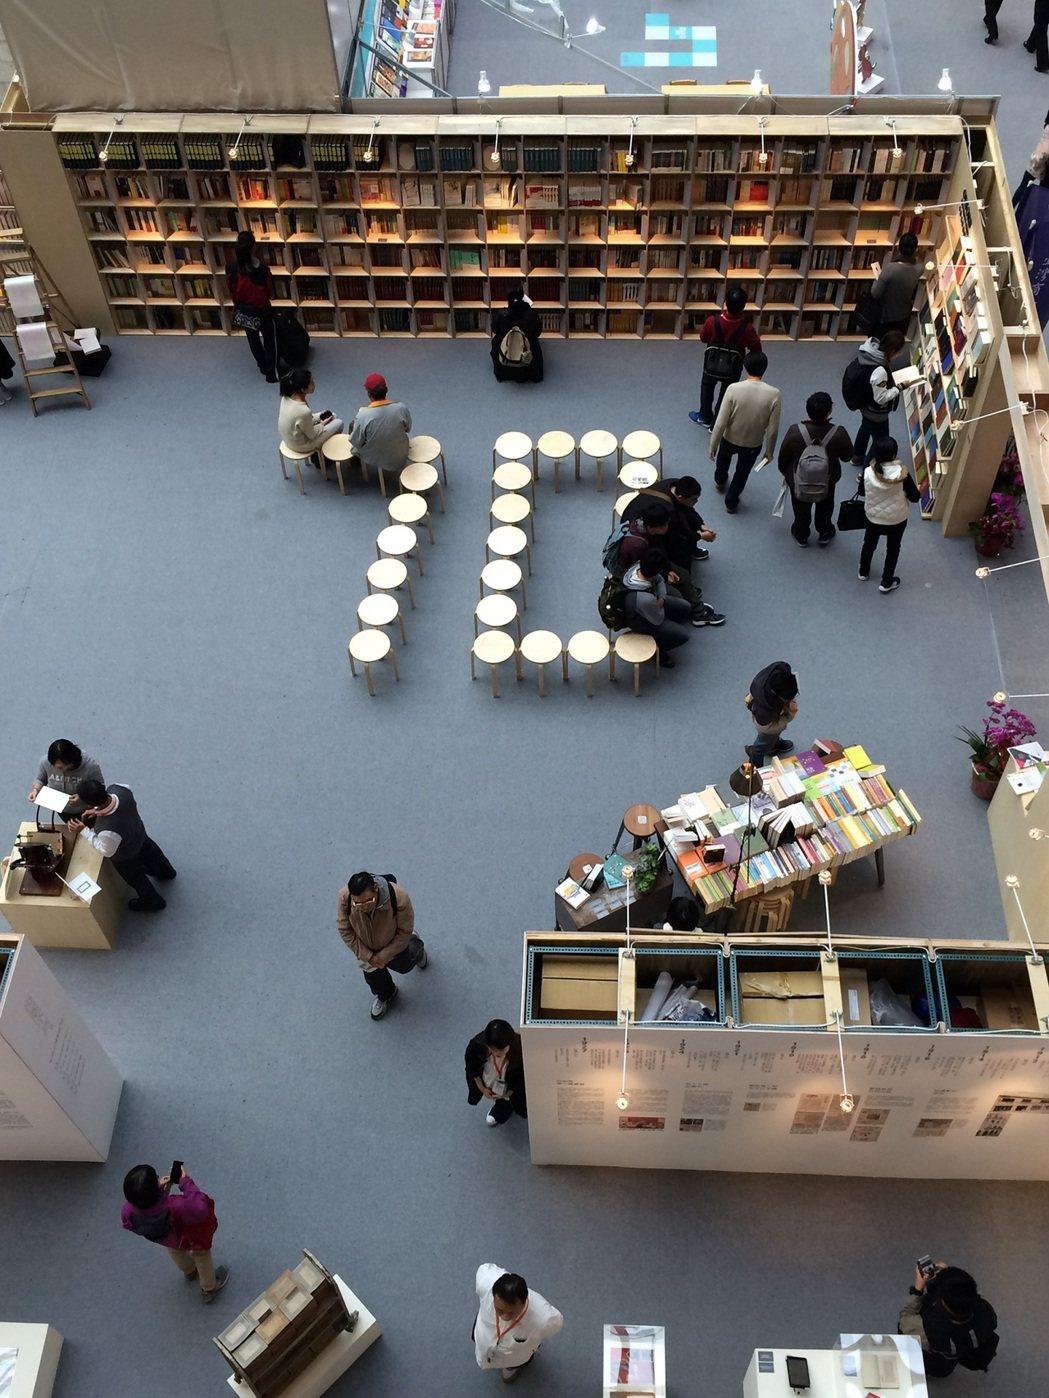 今年臺北國際書展,讓許多愛書人都回味不已的「出版不朽──商務風華特展」,展現臺灣...